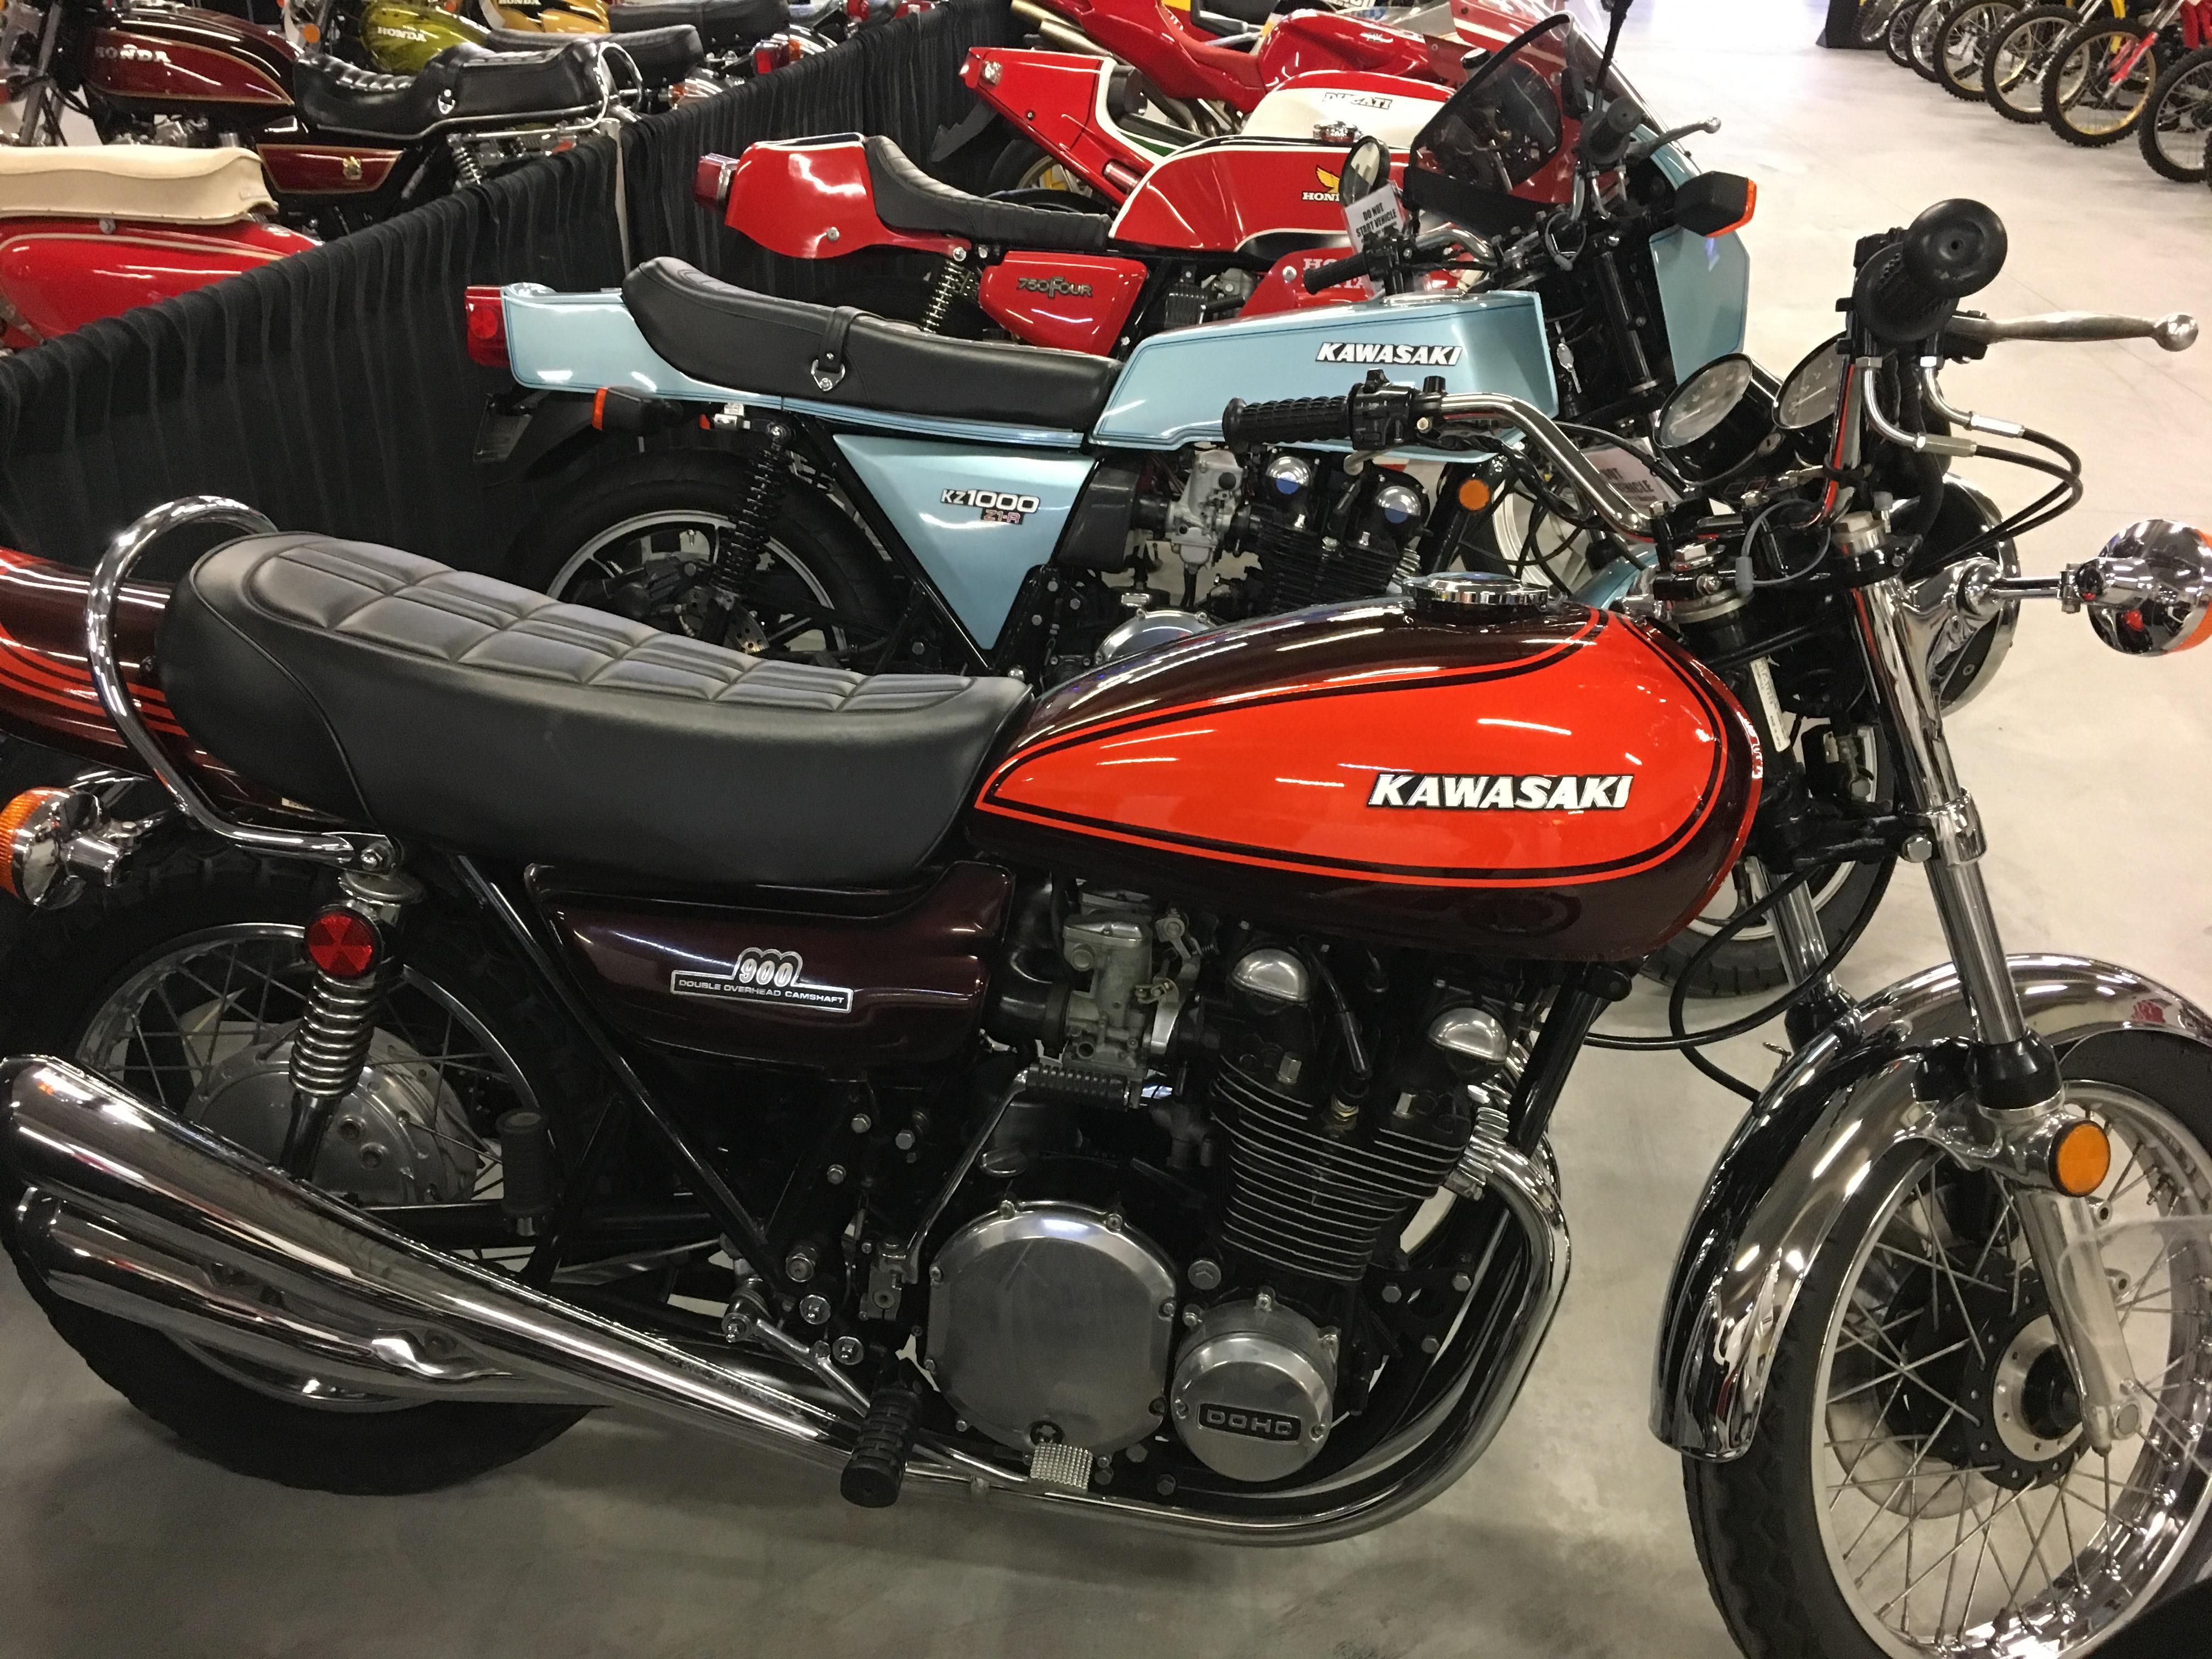 1973 z1 900, 1978 Z1R 1000